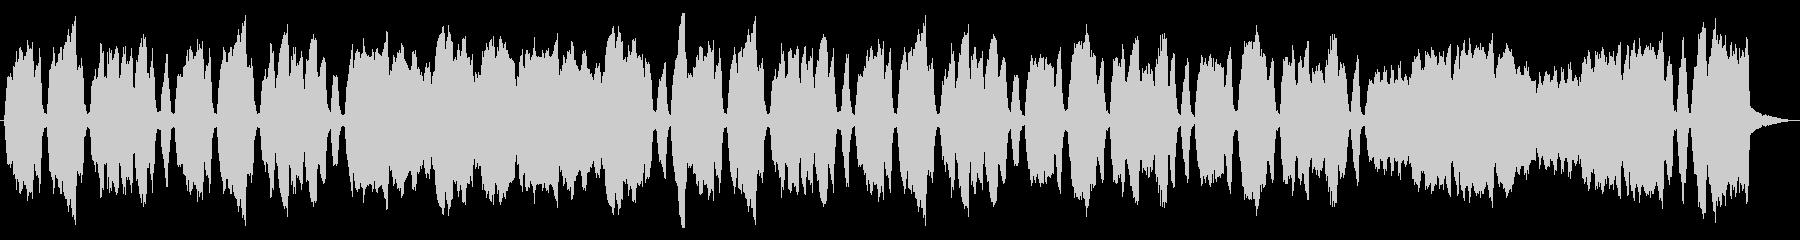 彷徨う様子を表現するパイプオルガンの未再生の波形